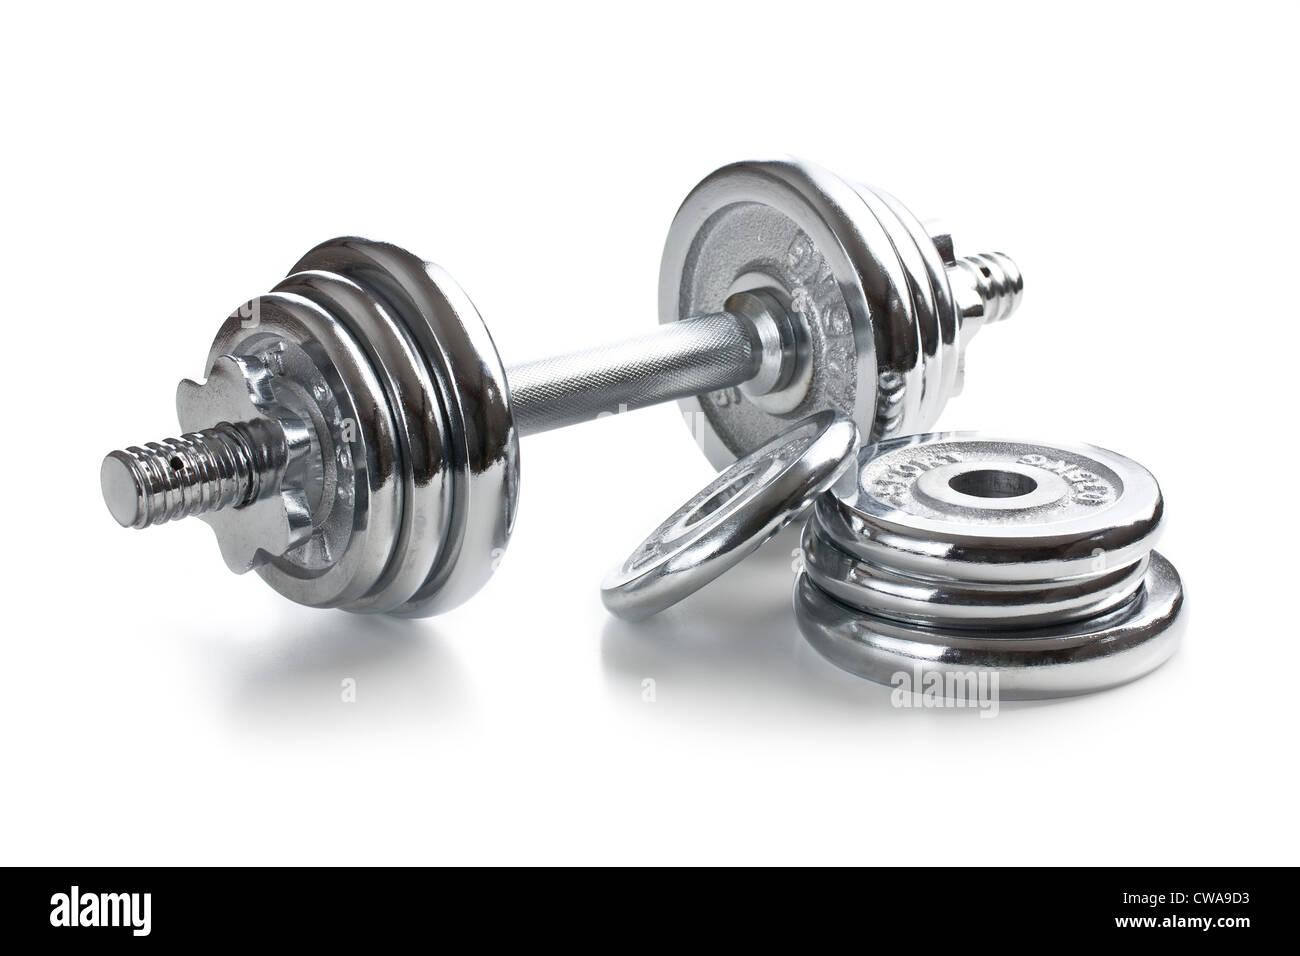 Chromed fitness dumbbell on white background - Stock Image